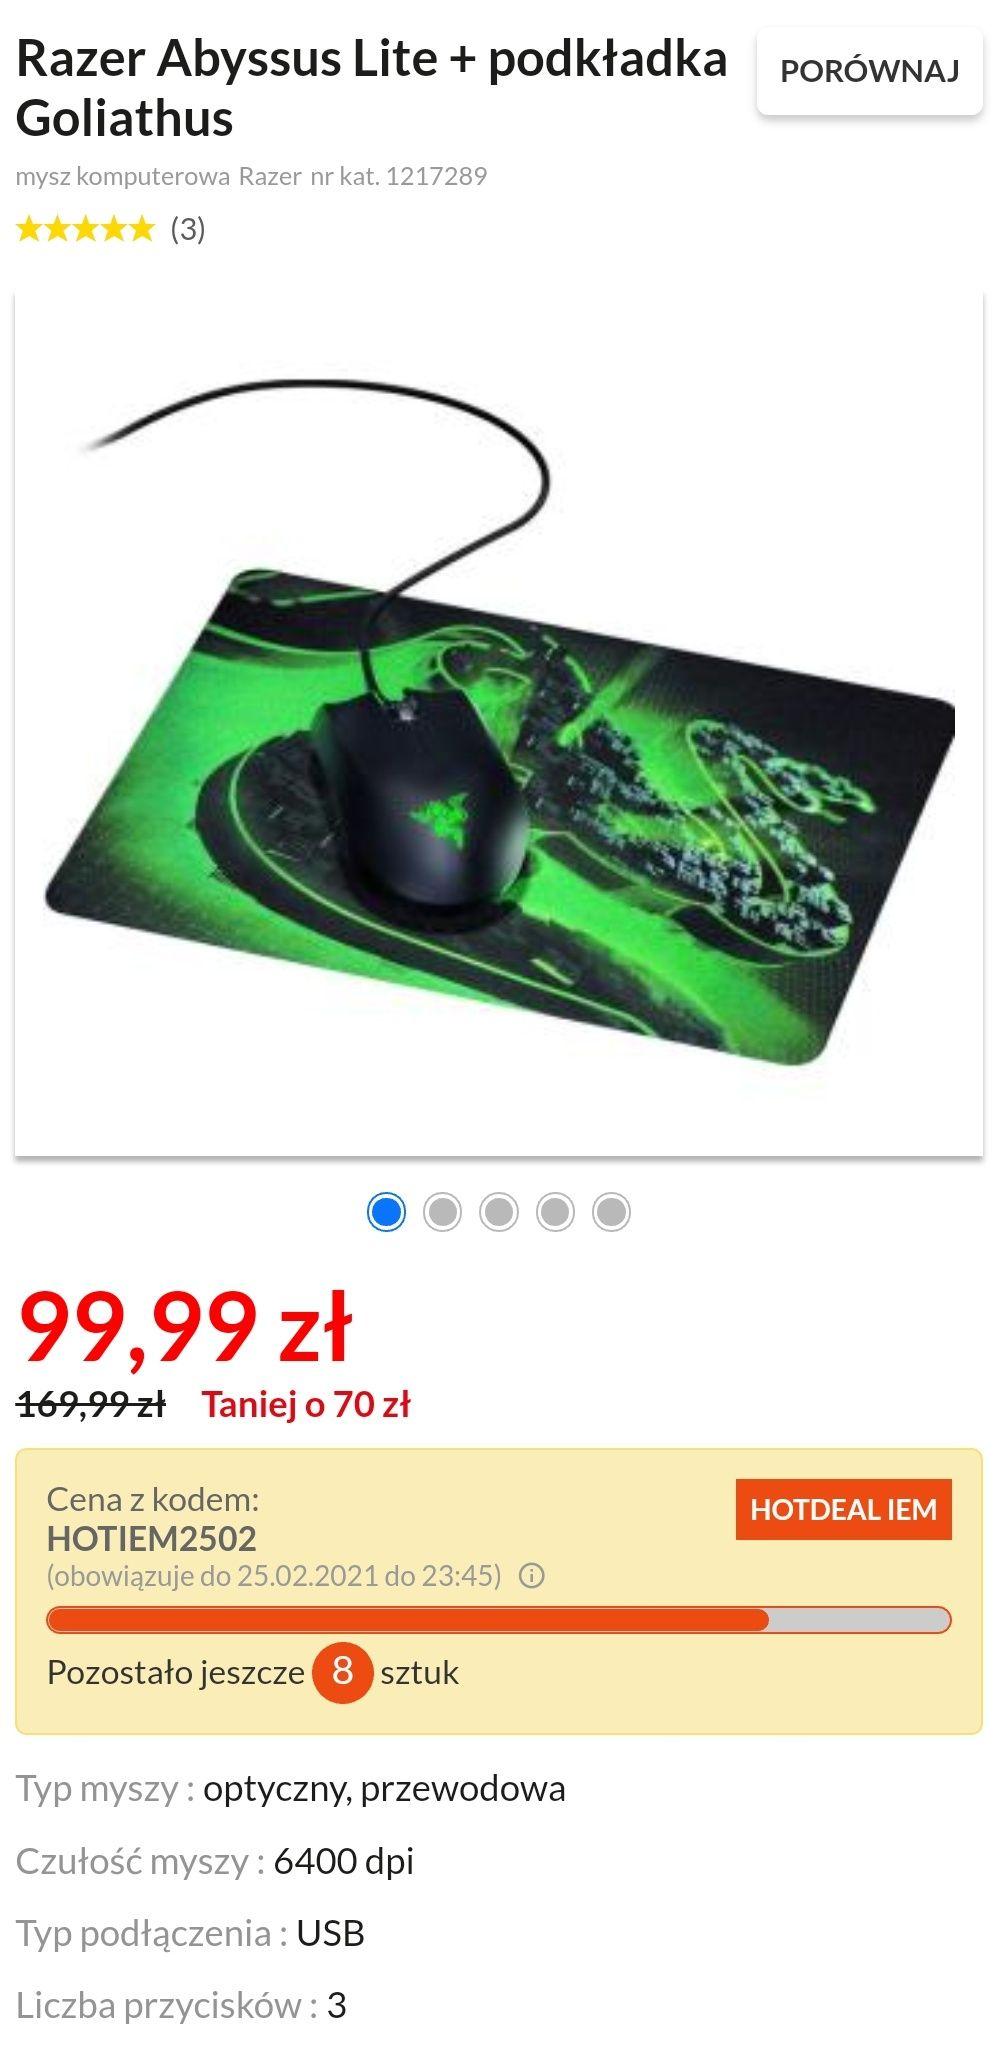 Myszka Razer Abysuss Lite + podkładka w słusznej cenie za 99,99zł